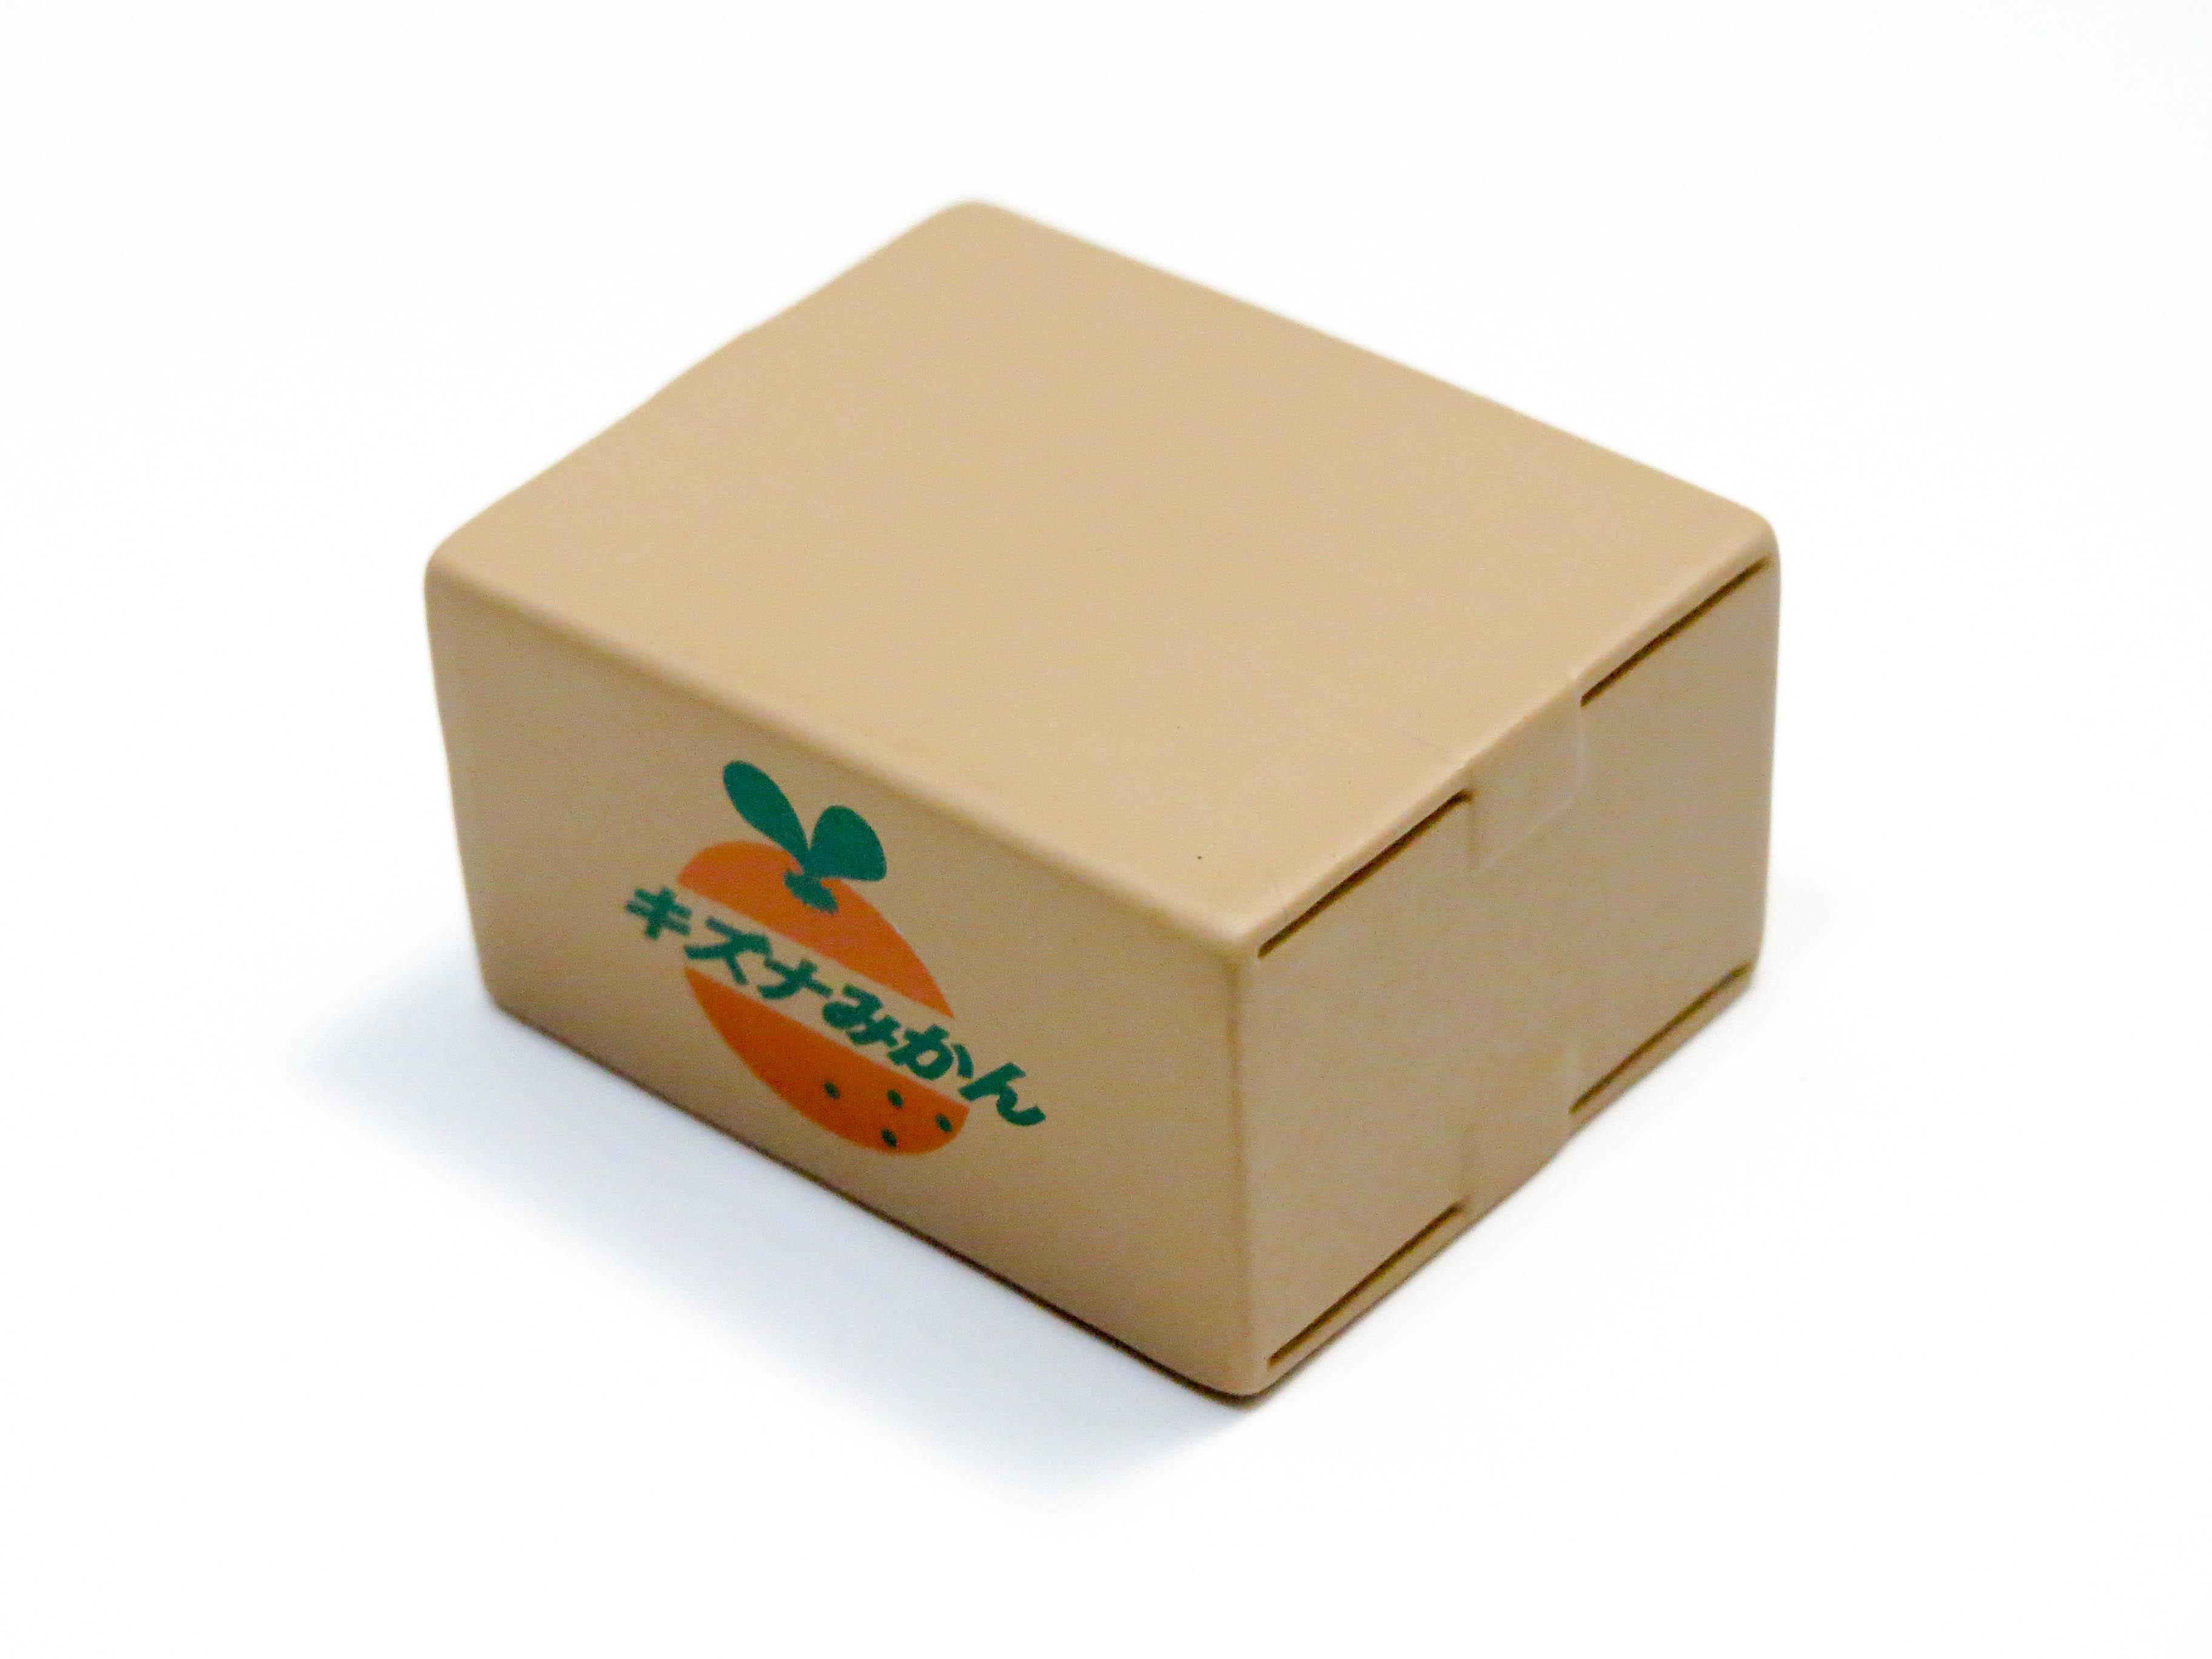 再入荷【899】 キズナアイ 小物パーツ みかん箱 ねんどろいど